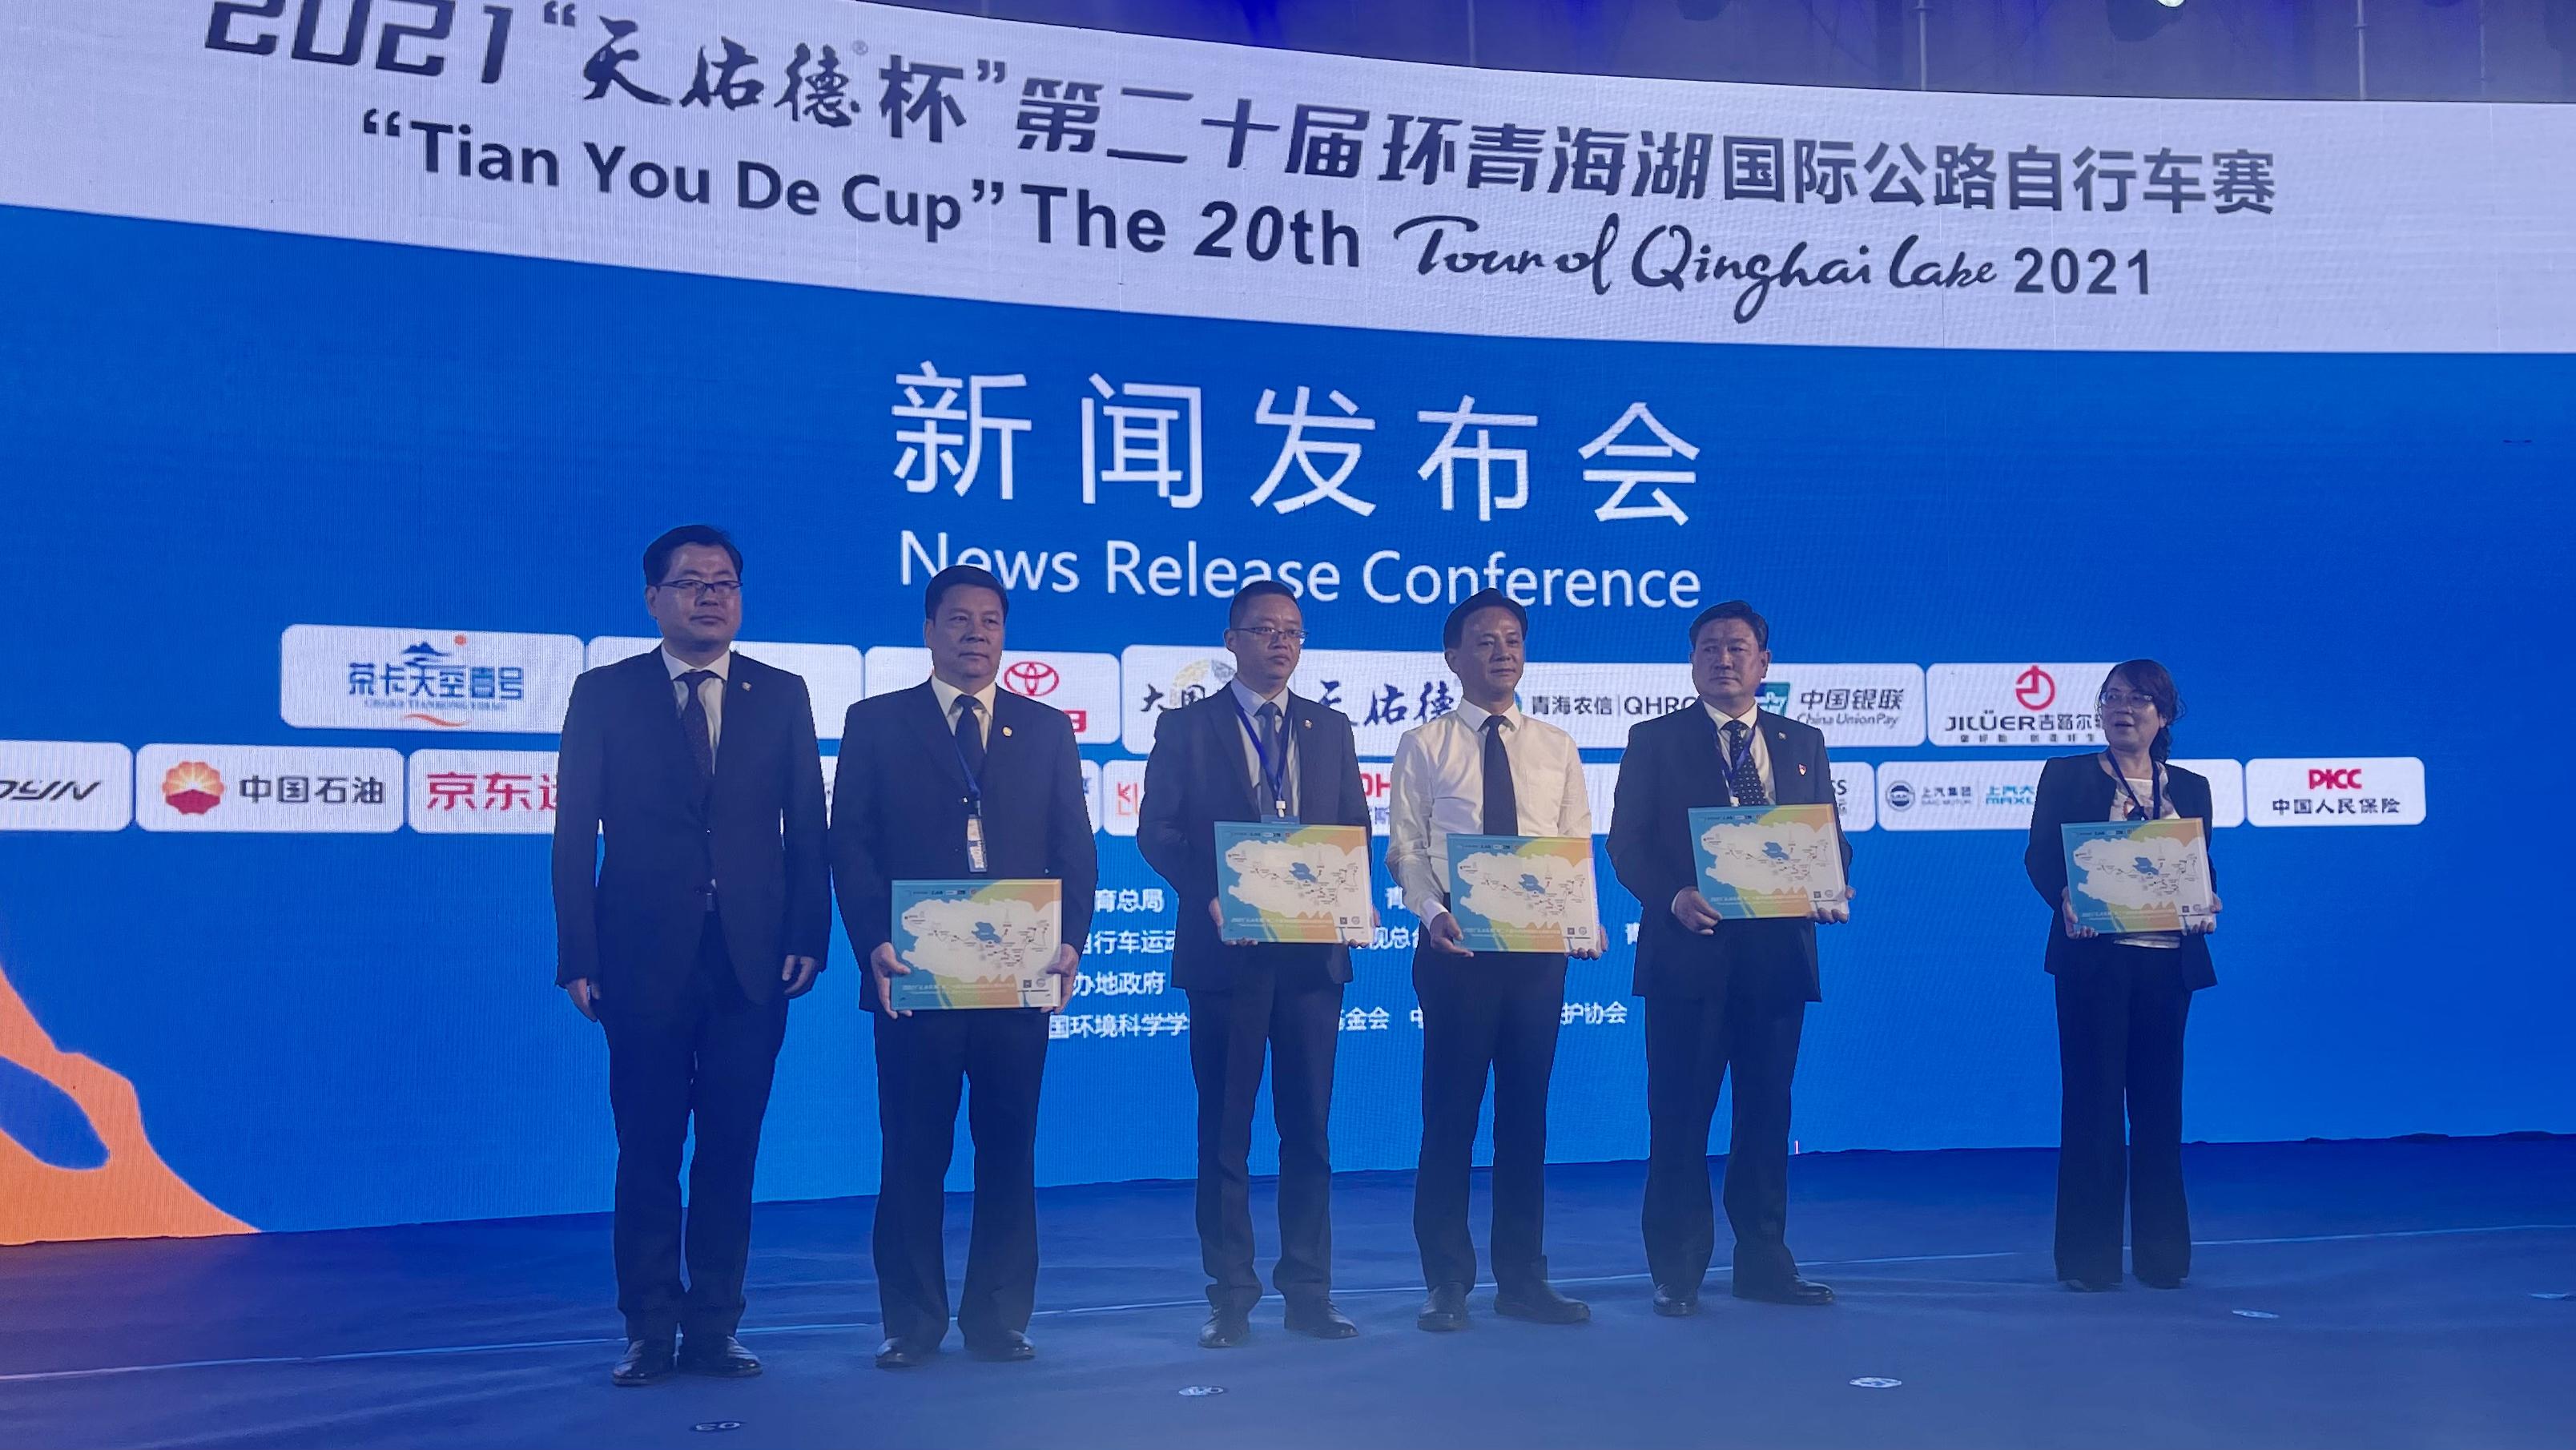 第二十届环湖赛7月11日至18日在青海境内举办